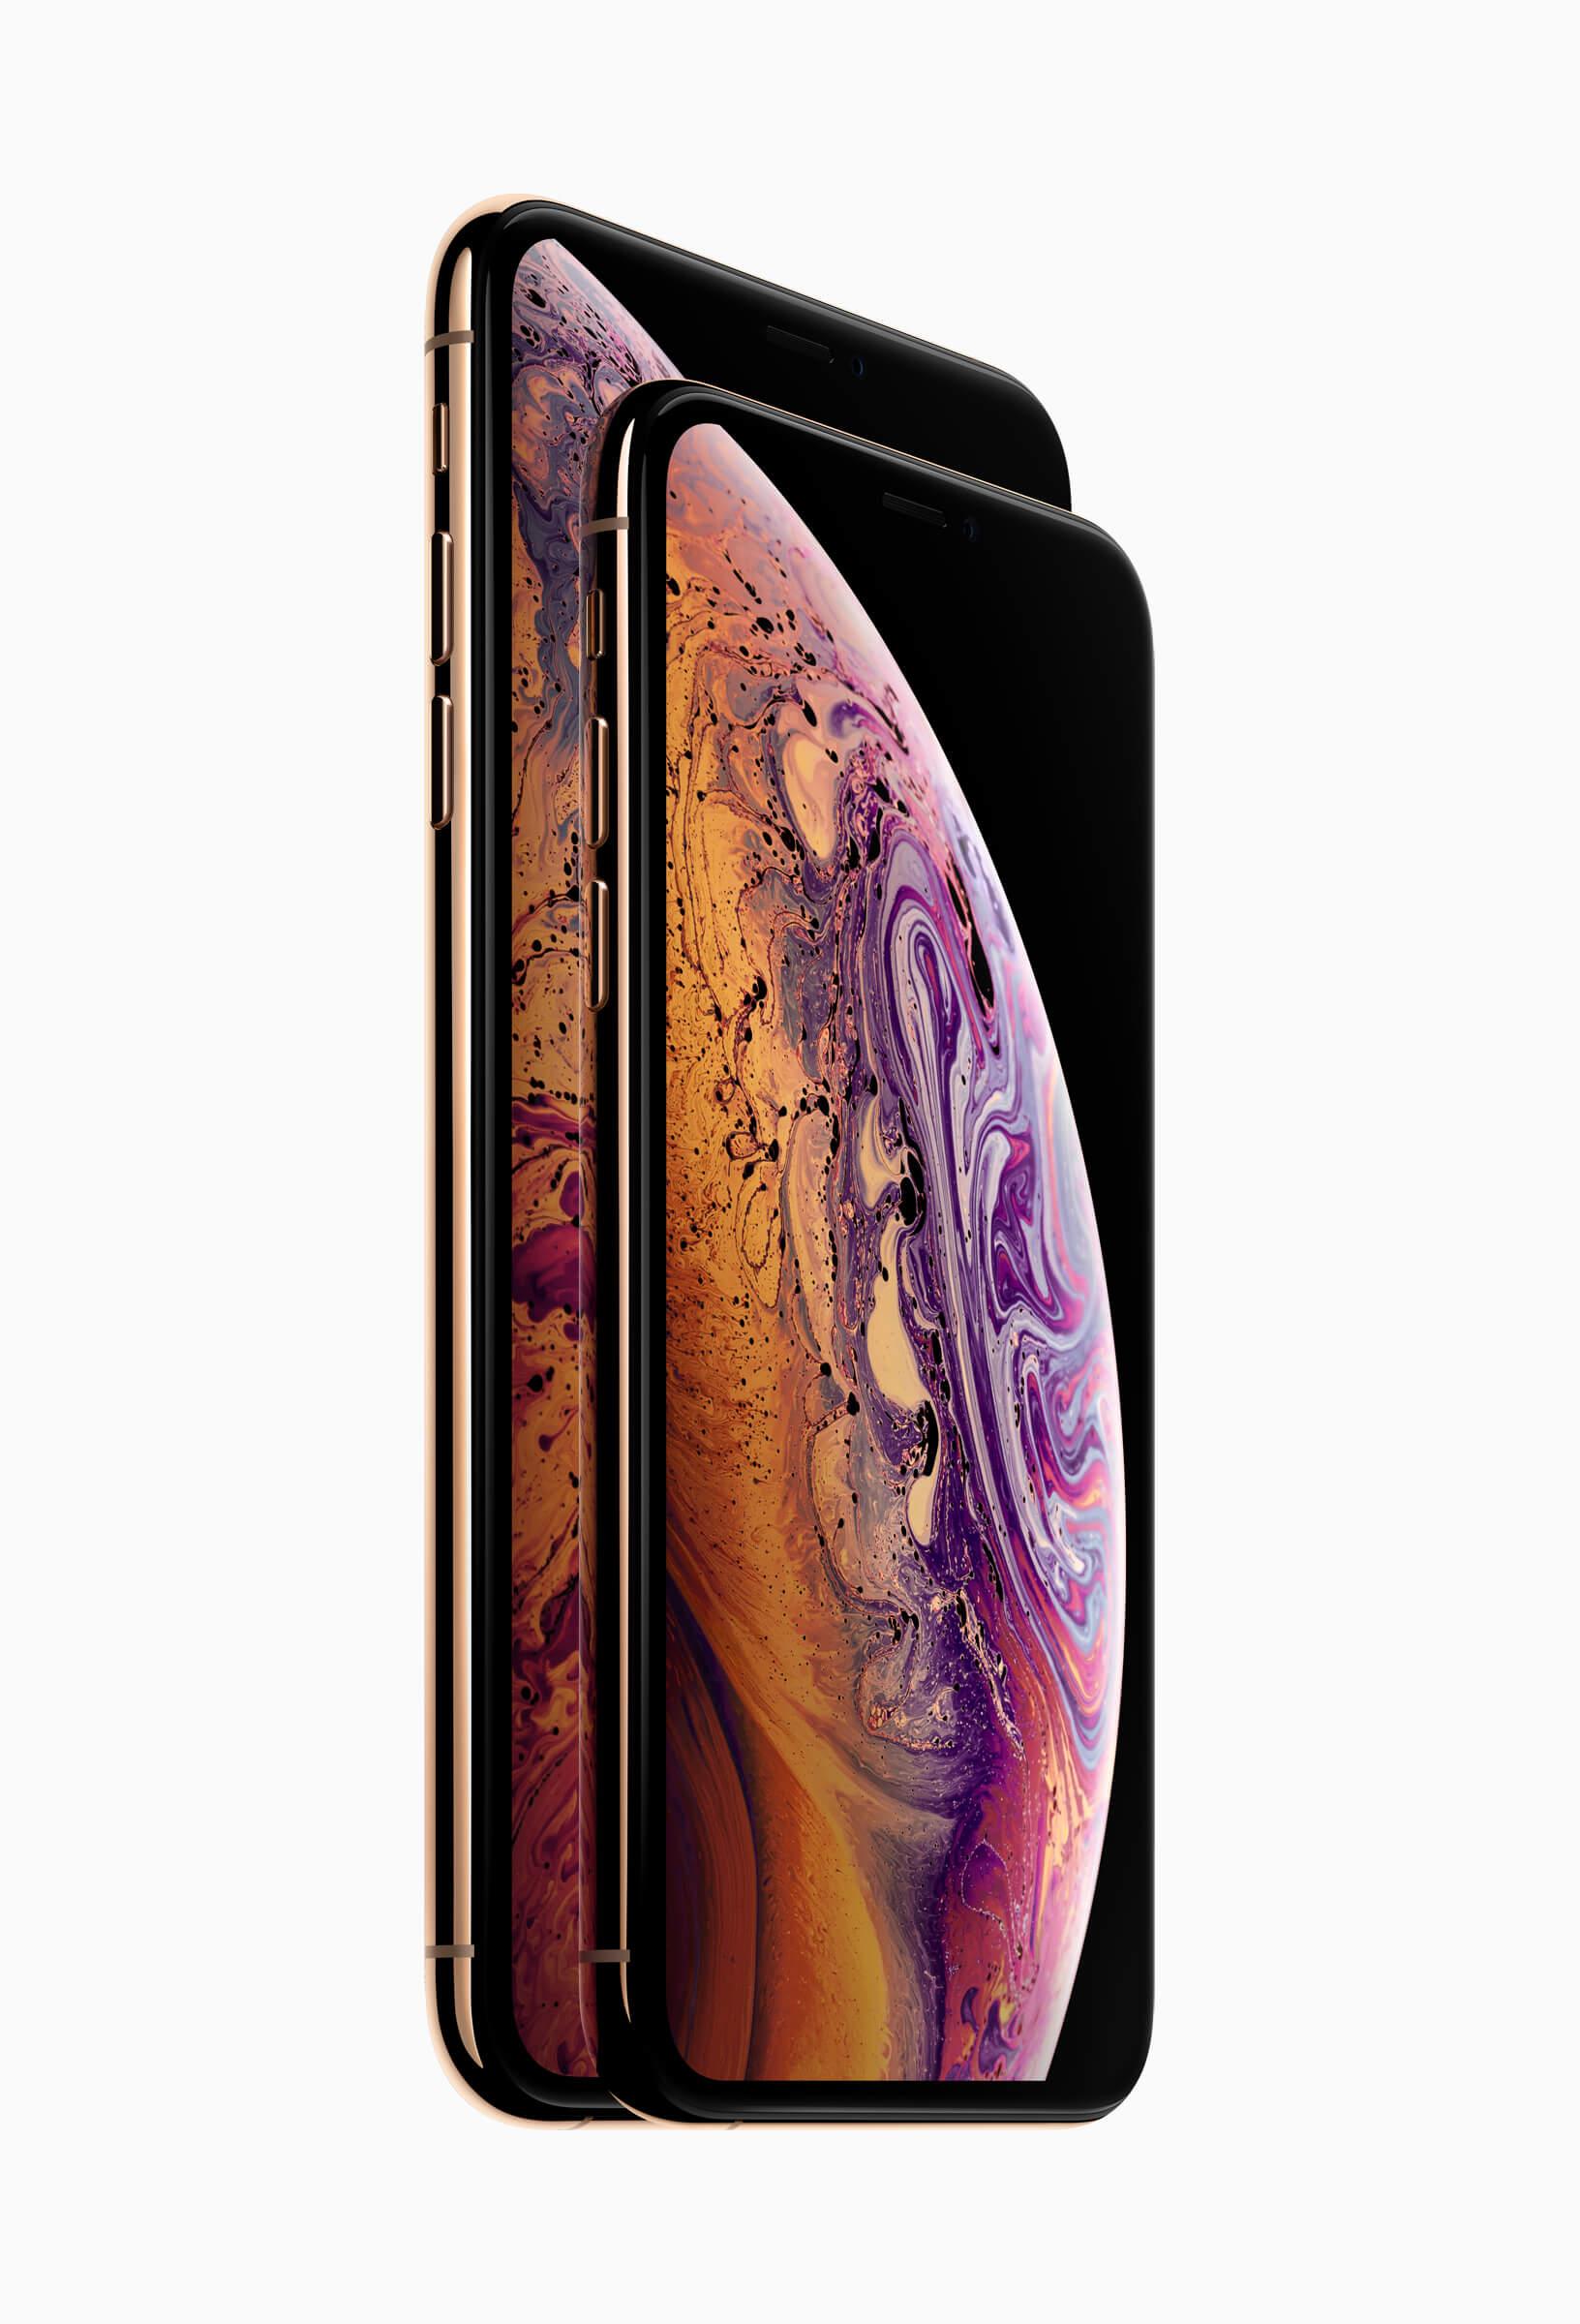 Tela do iPhone XS Max é eleita a melhor de todos os tempos